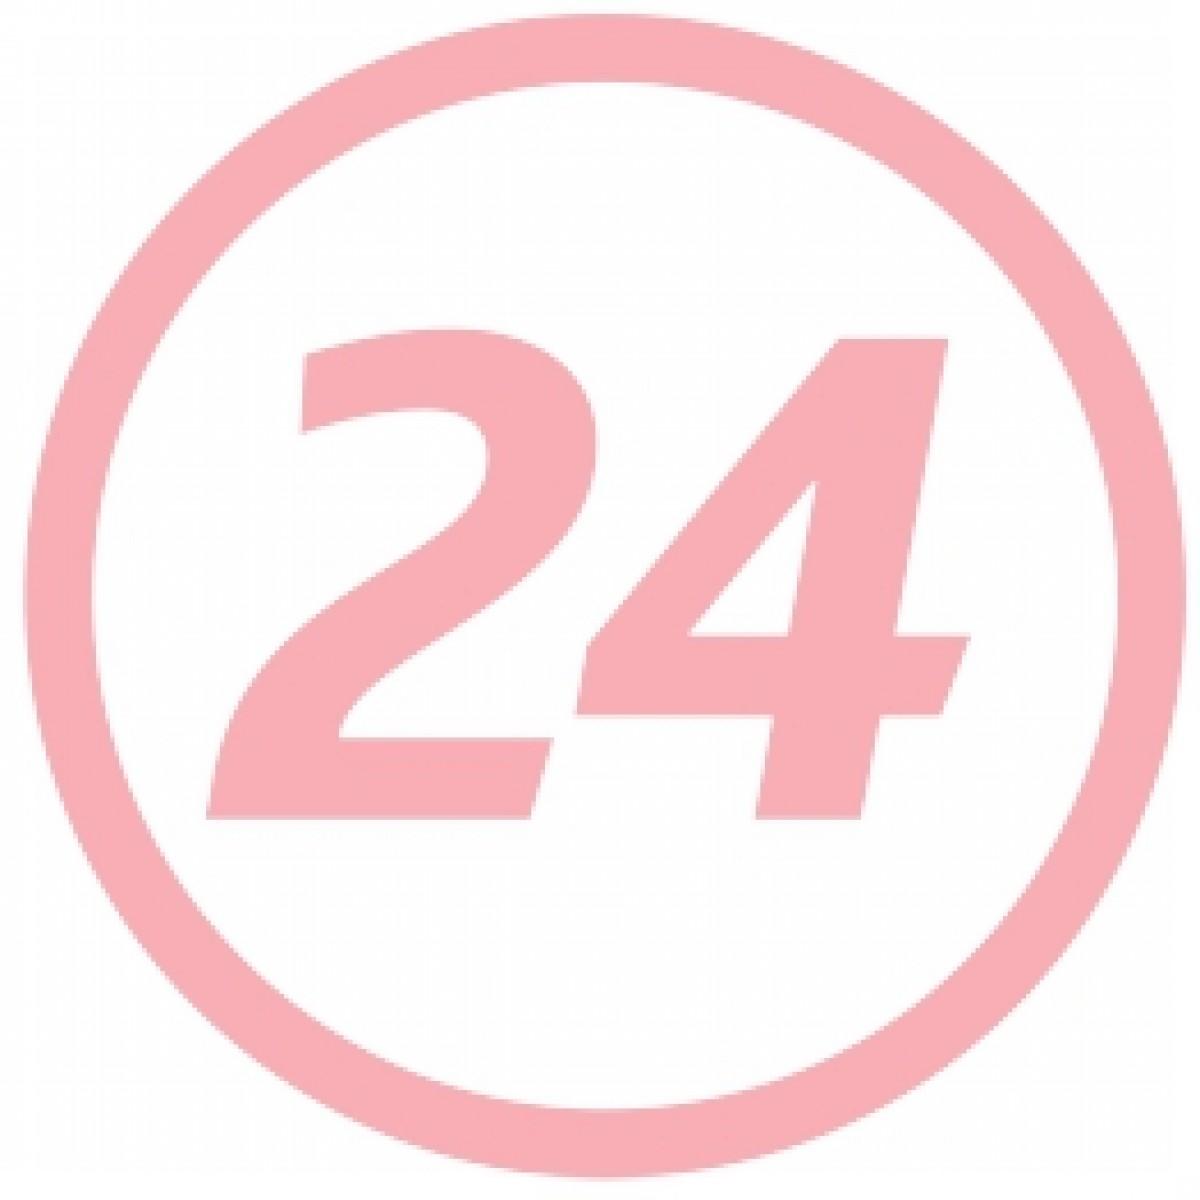 La Roche - Posay ANTHELIOS Crema Uniformizatoare SPF 50+ Blur Rose, Crema, 40 ml